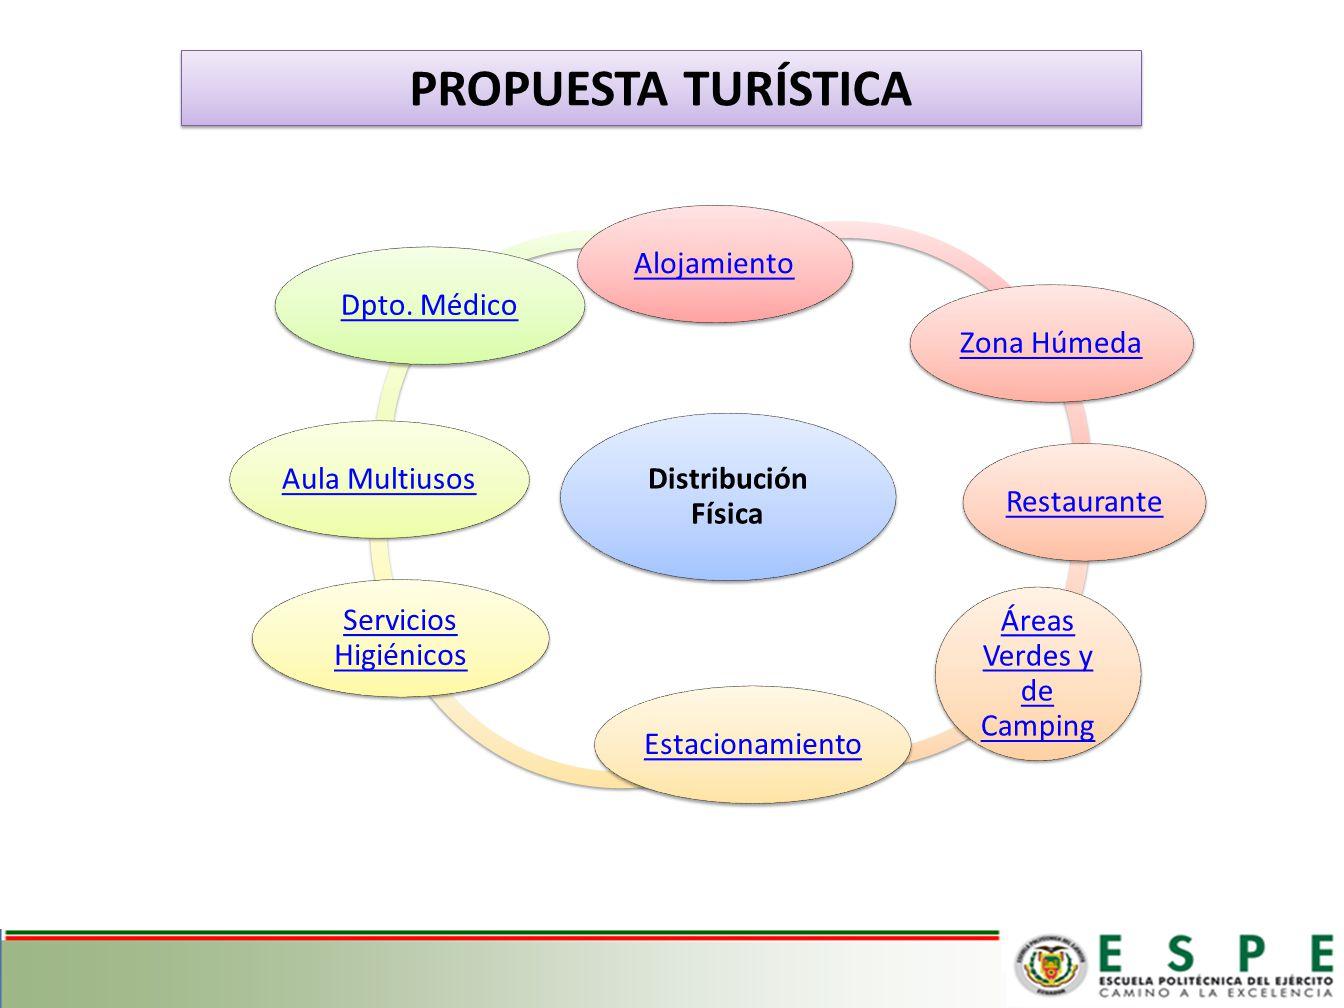 PROPUESTA TURÍSTICA Distribución Física AlojamientoZona HúmedaRestaurante Áreas Verdes y de Camping Estacionamiento Servicios Higiénicos Aula MultiusosDpto.